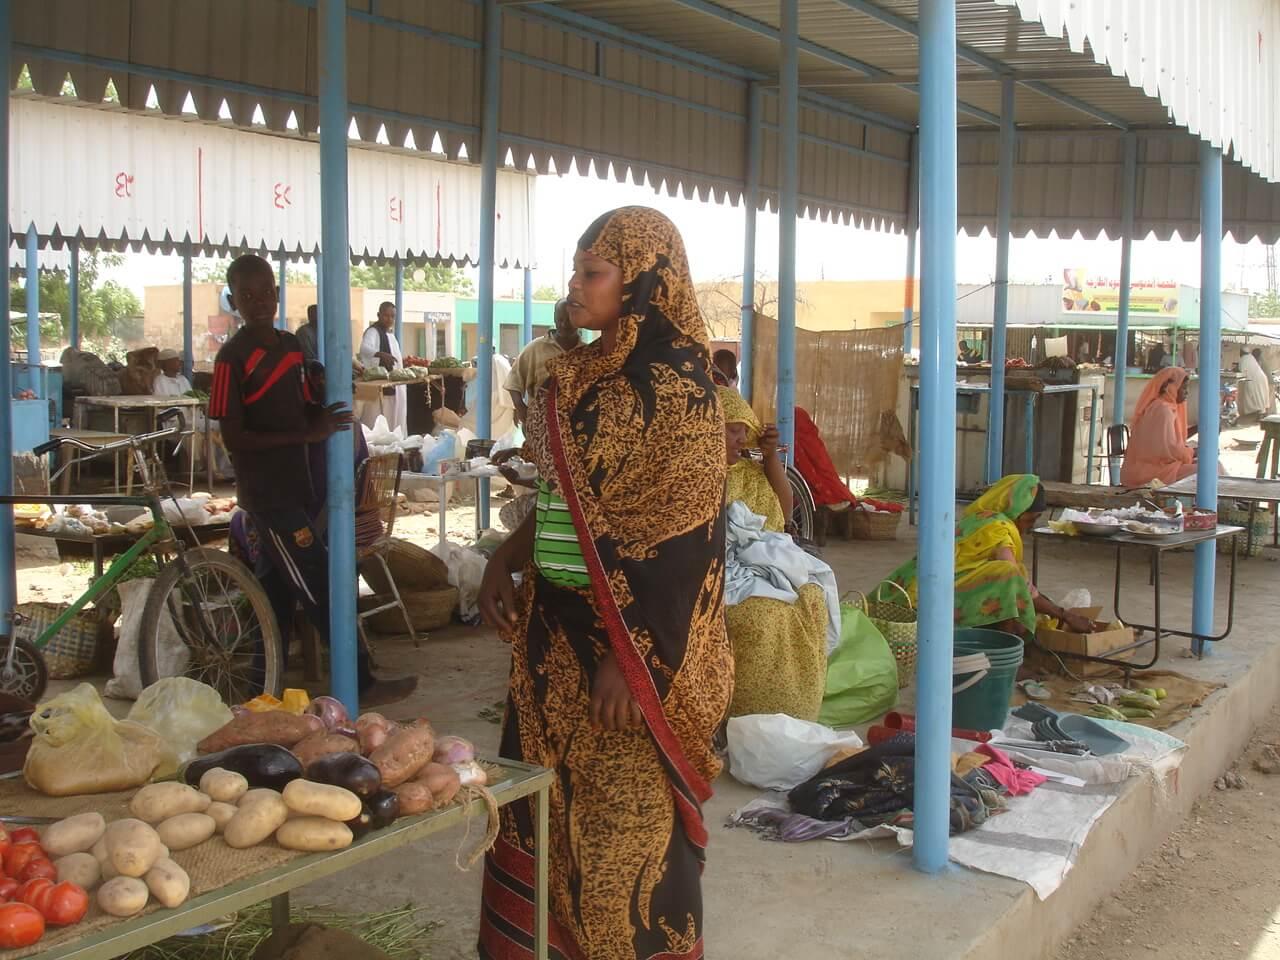 Sudan Geçici İthalat Yasağı